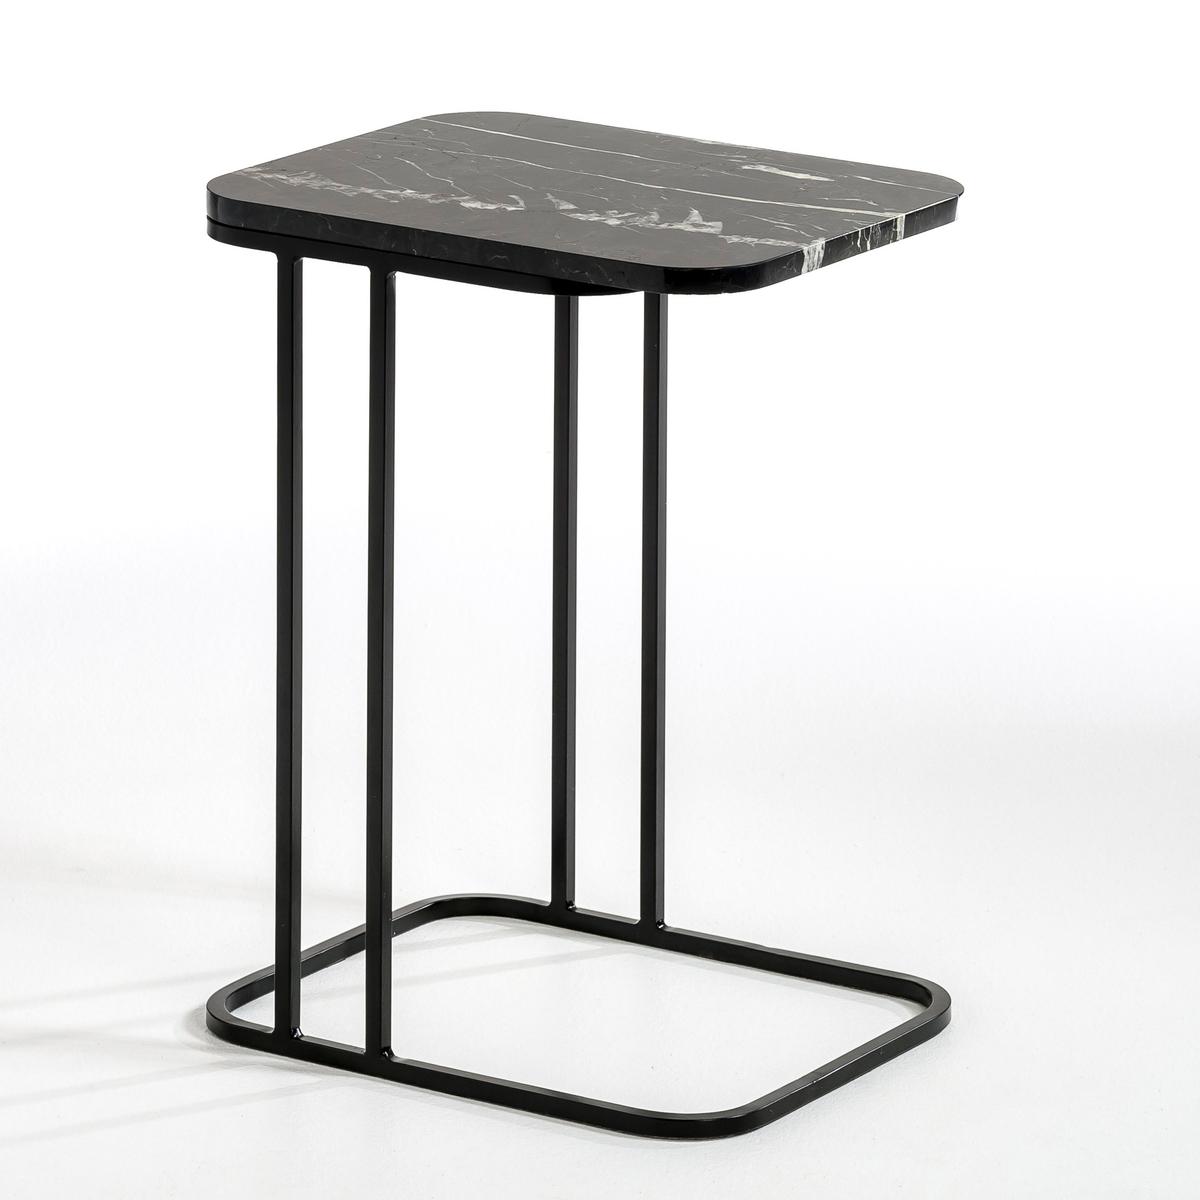 Столик журнальный Trebor, design E. GallinaЭтот журнальный столик является составной частью кочующих и мультифункциональных элементов мебели. Составьте  ваш комплект вместе с модулируемым диваном Harold, который продается также на нашем сайте. Он может также сочетаться с другими диванами.Этот товар получил знак  VIA2015 (использование инноваций в производстве мебели).Описание : - Каркас из металла .- Столешница из мрамора  . Каждый кусок мрамора уникален, поэтому количество прожилок может отличаться в большую или меньшую сторону .Размеры : - 40 x 54 x 32 см . Размеры и вес ящика :- .58,5 x .34,5 x .43 см..<br><br>Цвет: мраморный